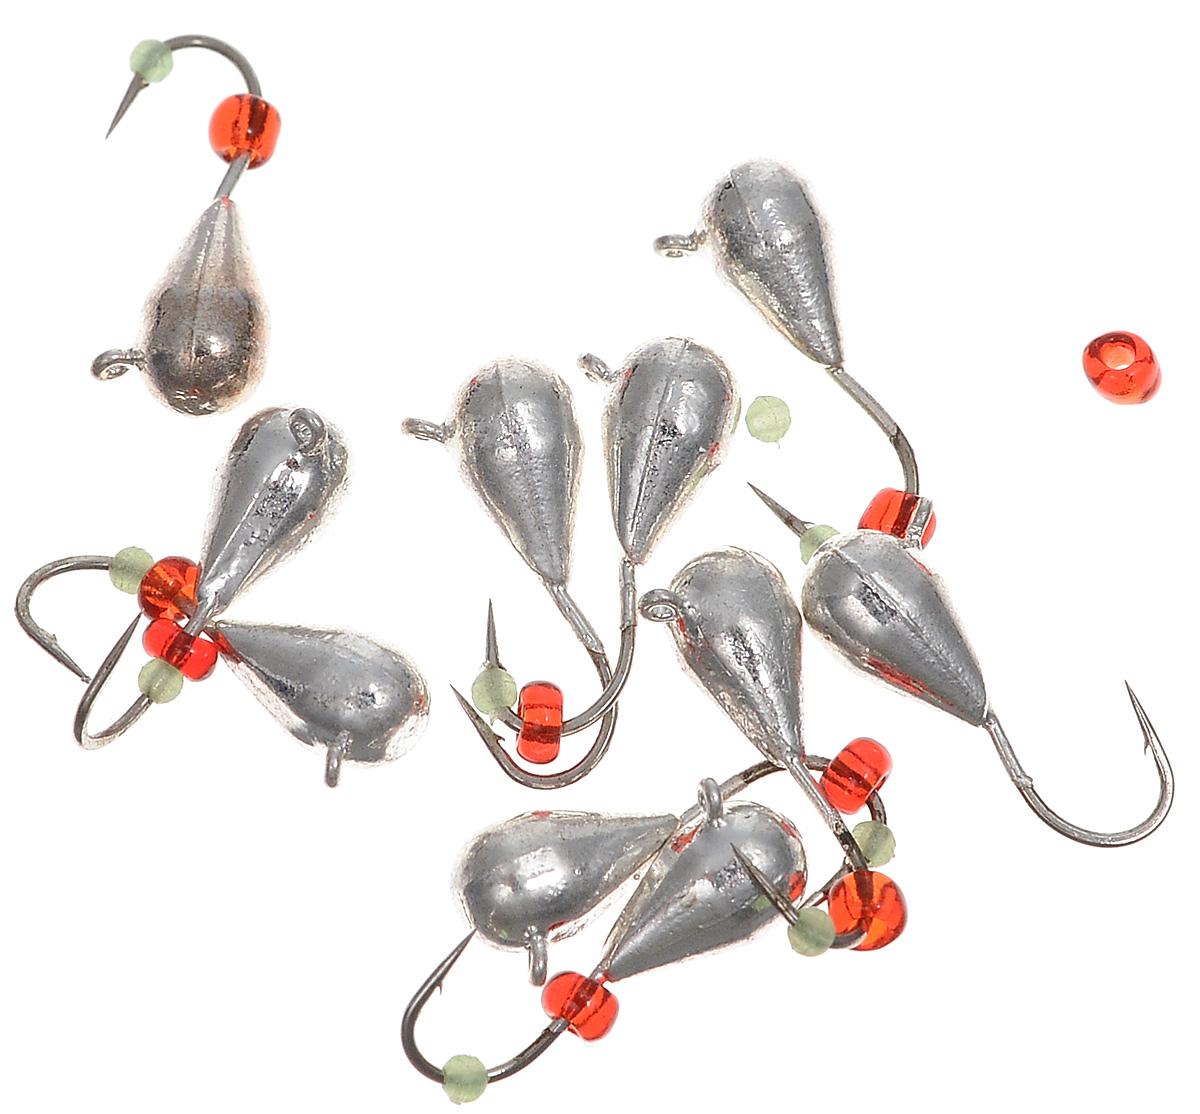 Мормышка вольфрамовая Dixxon-Russia, капля с ушком, цвет: серебряный, диаметр 4 мм, 1 г, 10 штPGPS7797CIS08GBNVМормышка Dixxon-Russia изготовлена из вольфрама и оснащена крючком. Главное достоинство вольфрамовой мормышки - большой вес при малом объеме. Эта особенность дает большие преимущества при ловле, так как позволяет быстро погрузить приманку на требуемую глубину и лучше чувствовать игру мормышки.